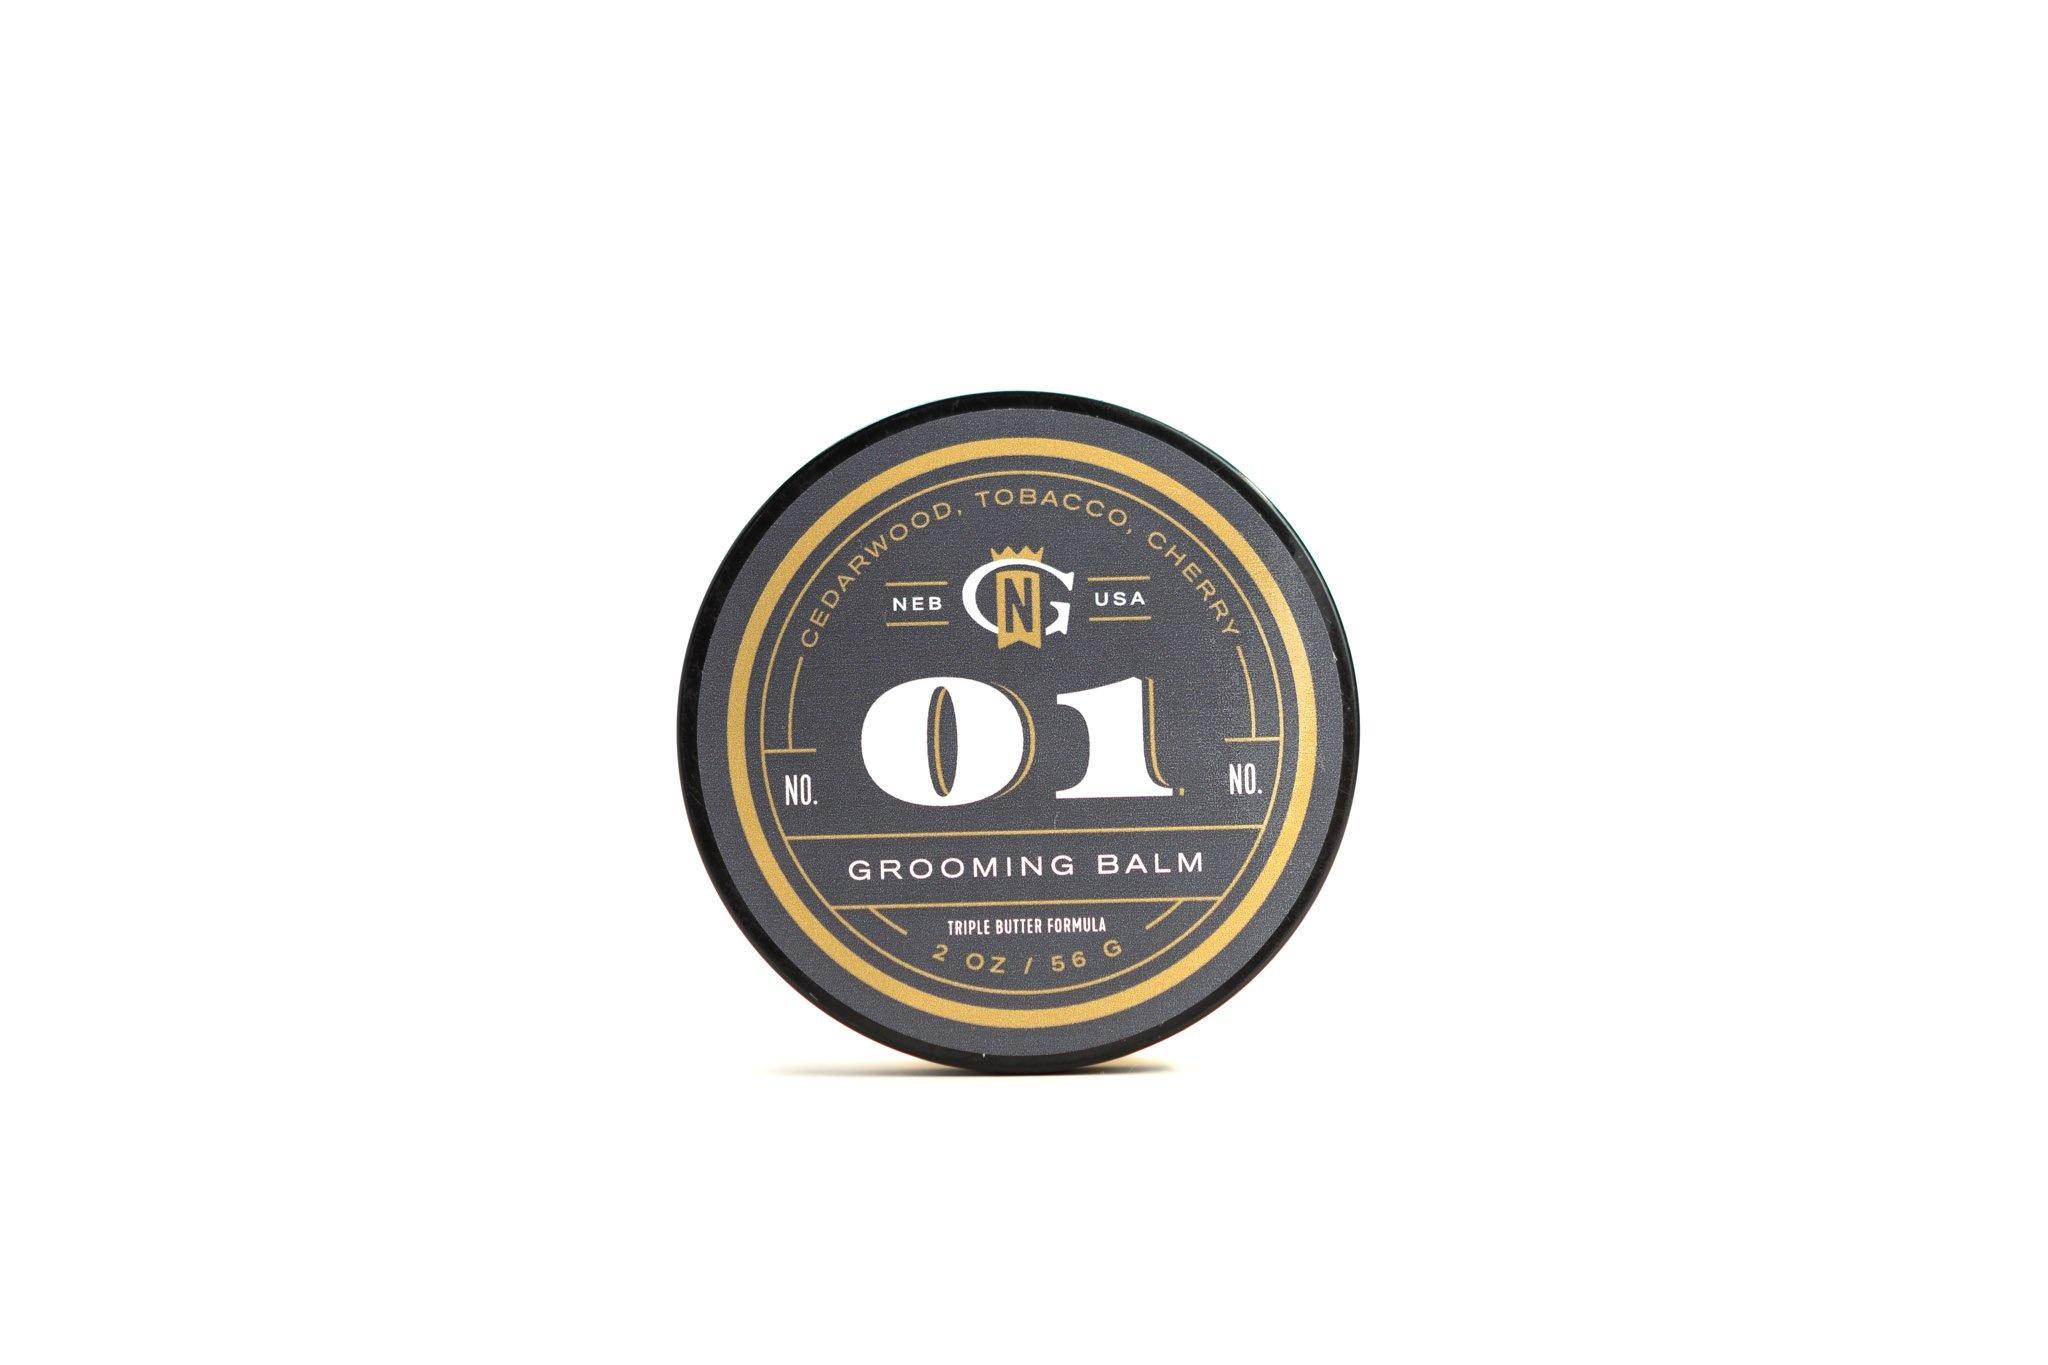 Gentleman's Nod Gentleman's Nod Grooming Balm - George 01